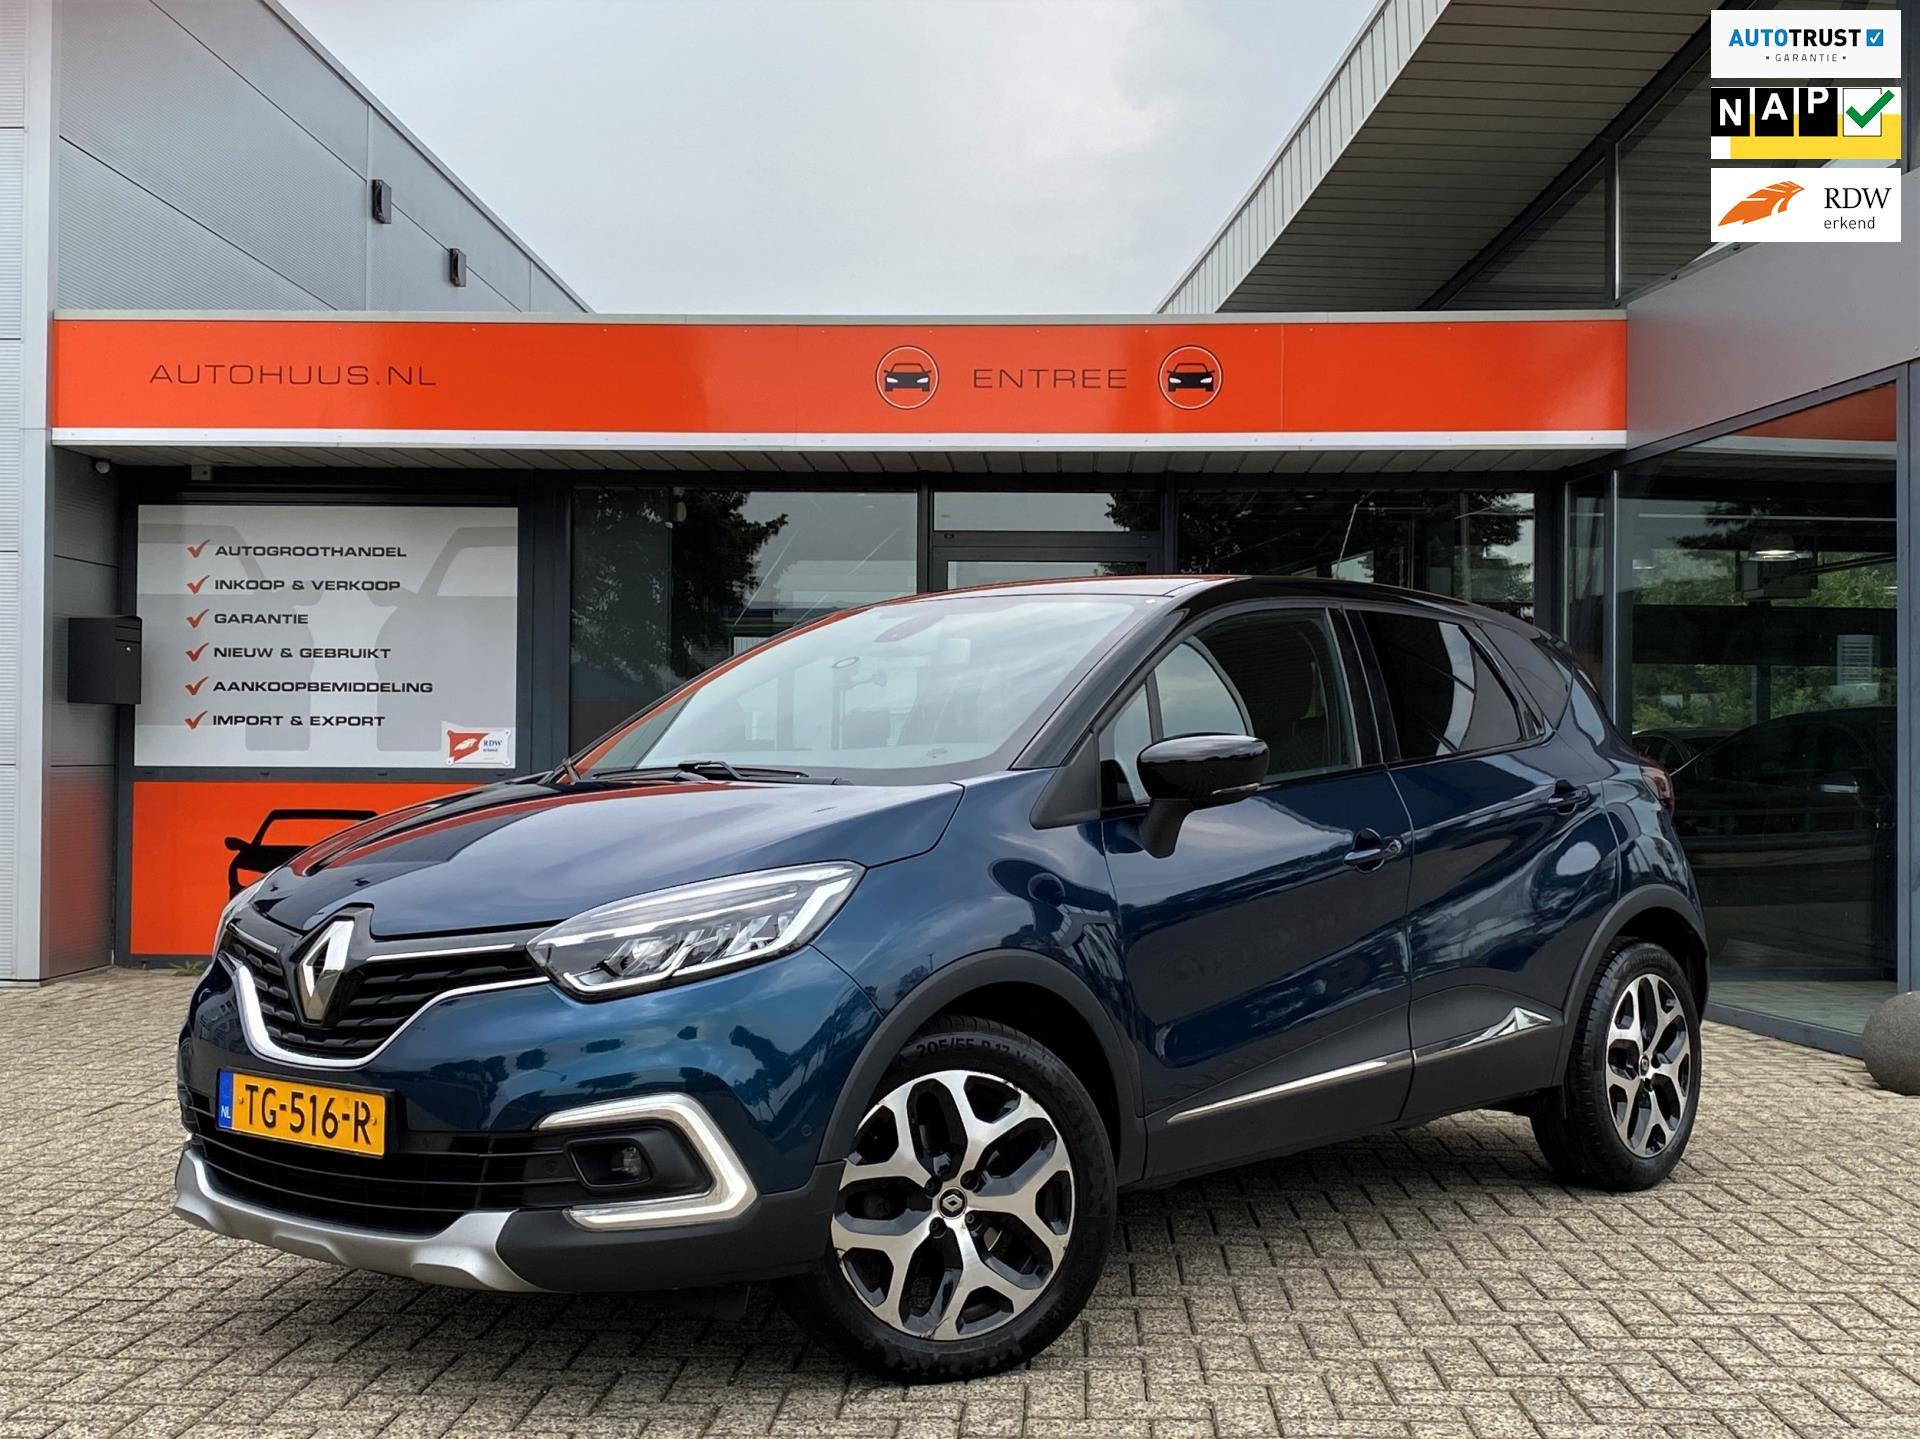 Renault Captur occasion - Autohuus B.V.